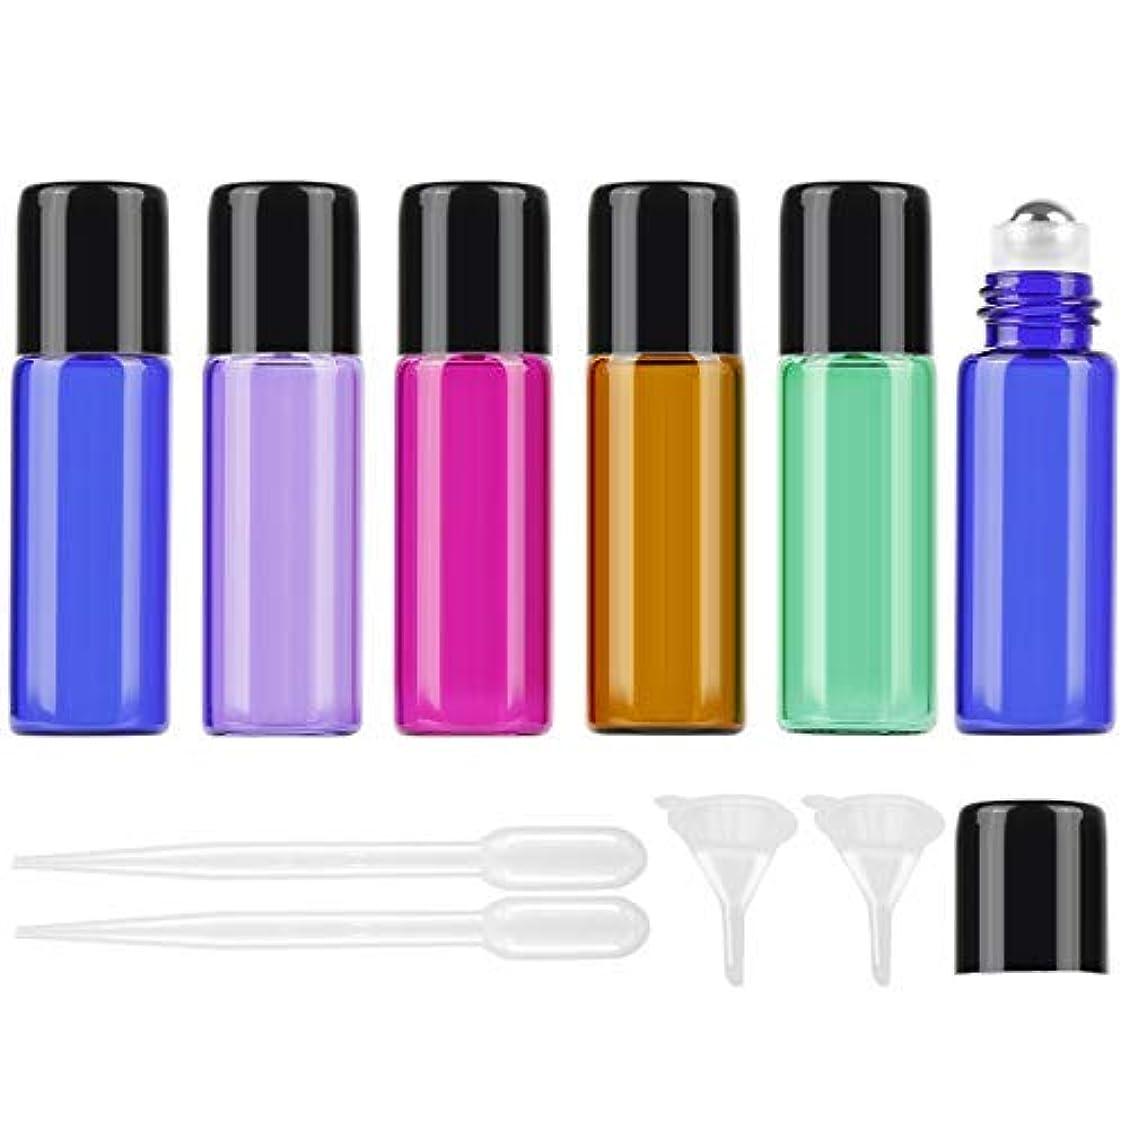 ロータリープロペラ学期25Pcs 5ml Colored Essential Oil Roller Bottles Vials Glass Cosmetic Travel Containers with Stainless Steel Roller...